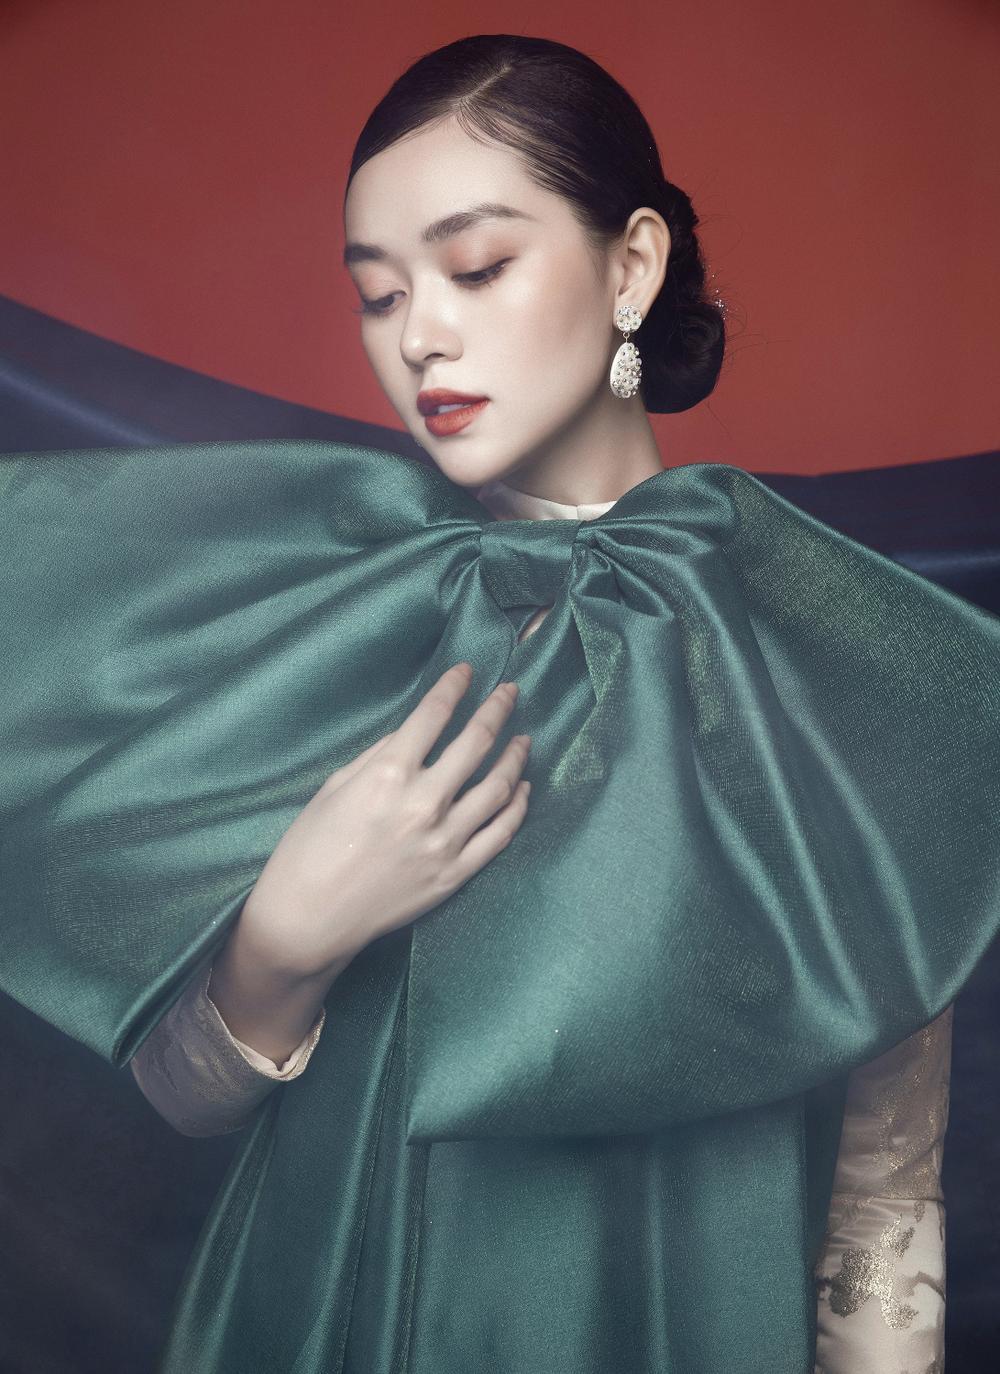 Á hậu Tường San hóa 'Hằng Nga', đẹp ma mị trong bộ ảnh mới dịp Trung thu Ảnh 4